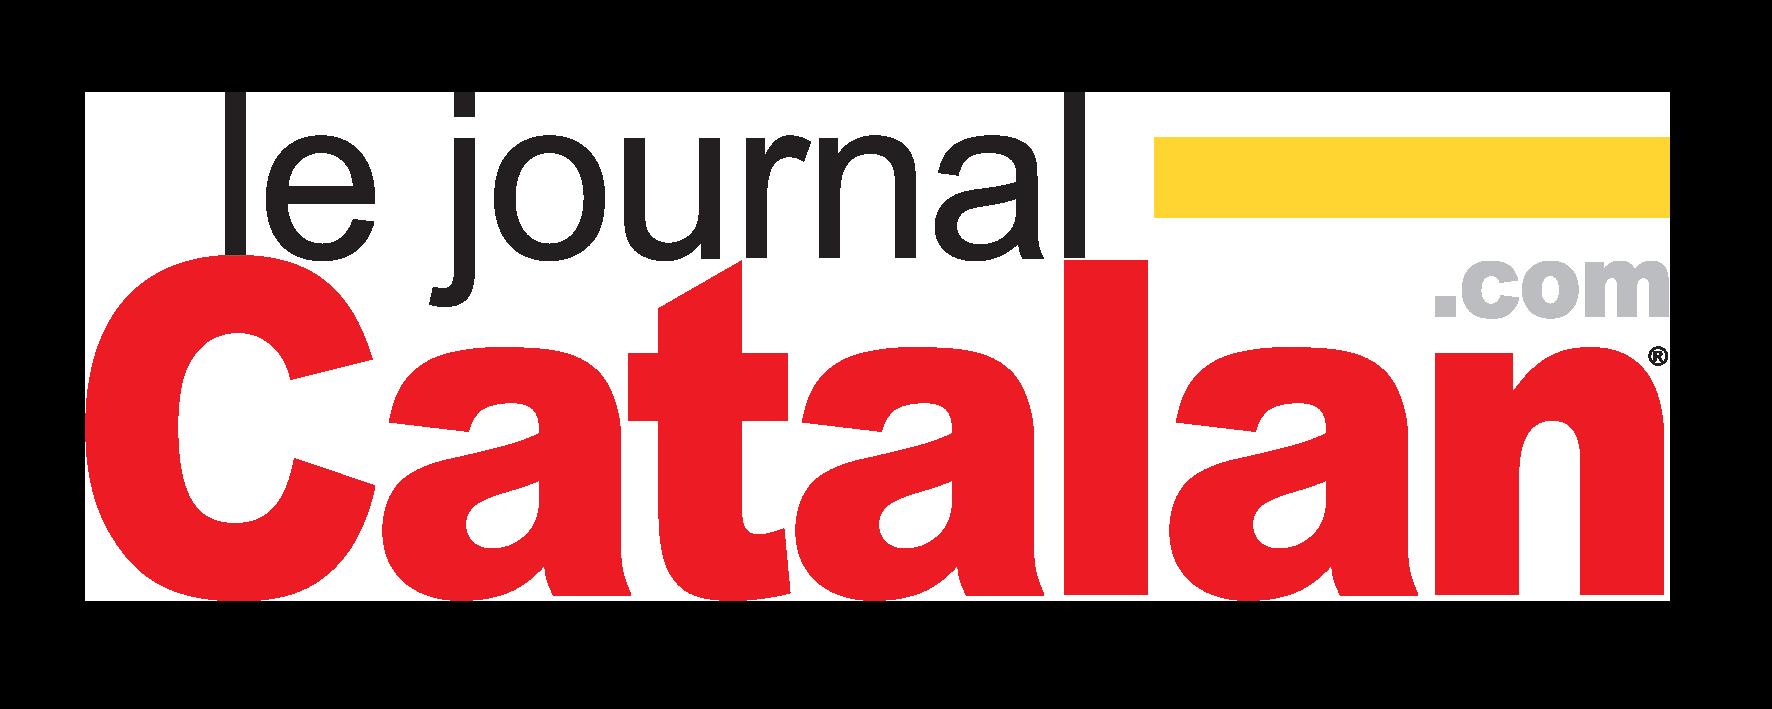 Le Journal Catalan, premier magazine gratuite d\'information des Pyrénées-Orientales